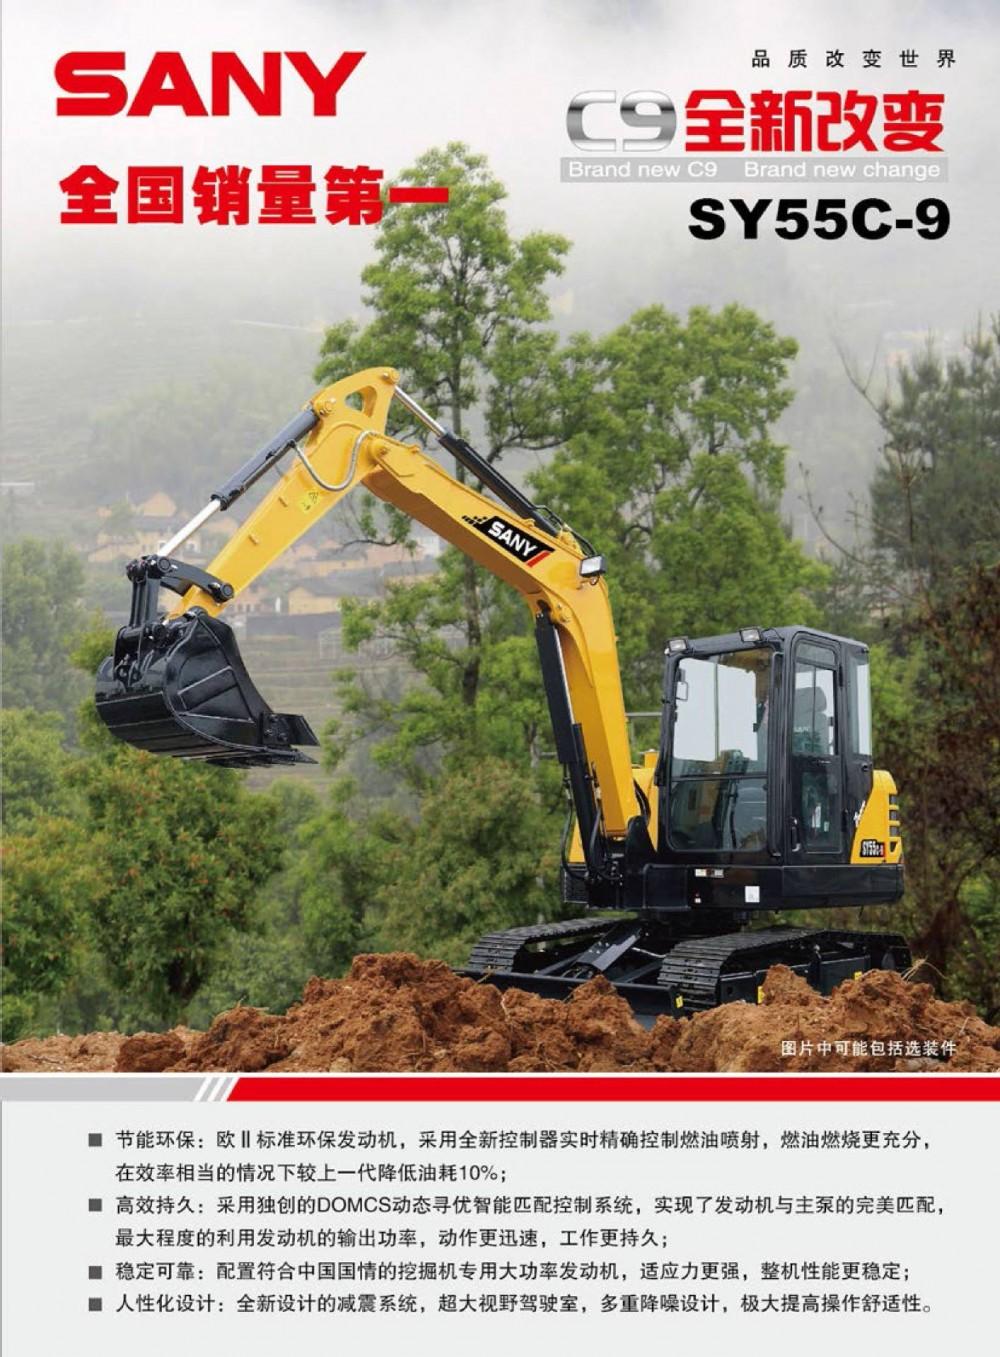 上海三一小型挖掘機出租